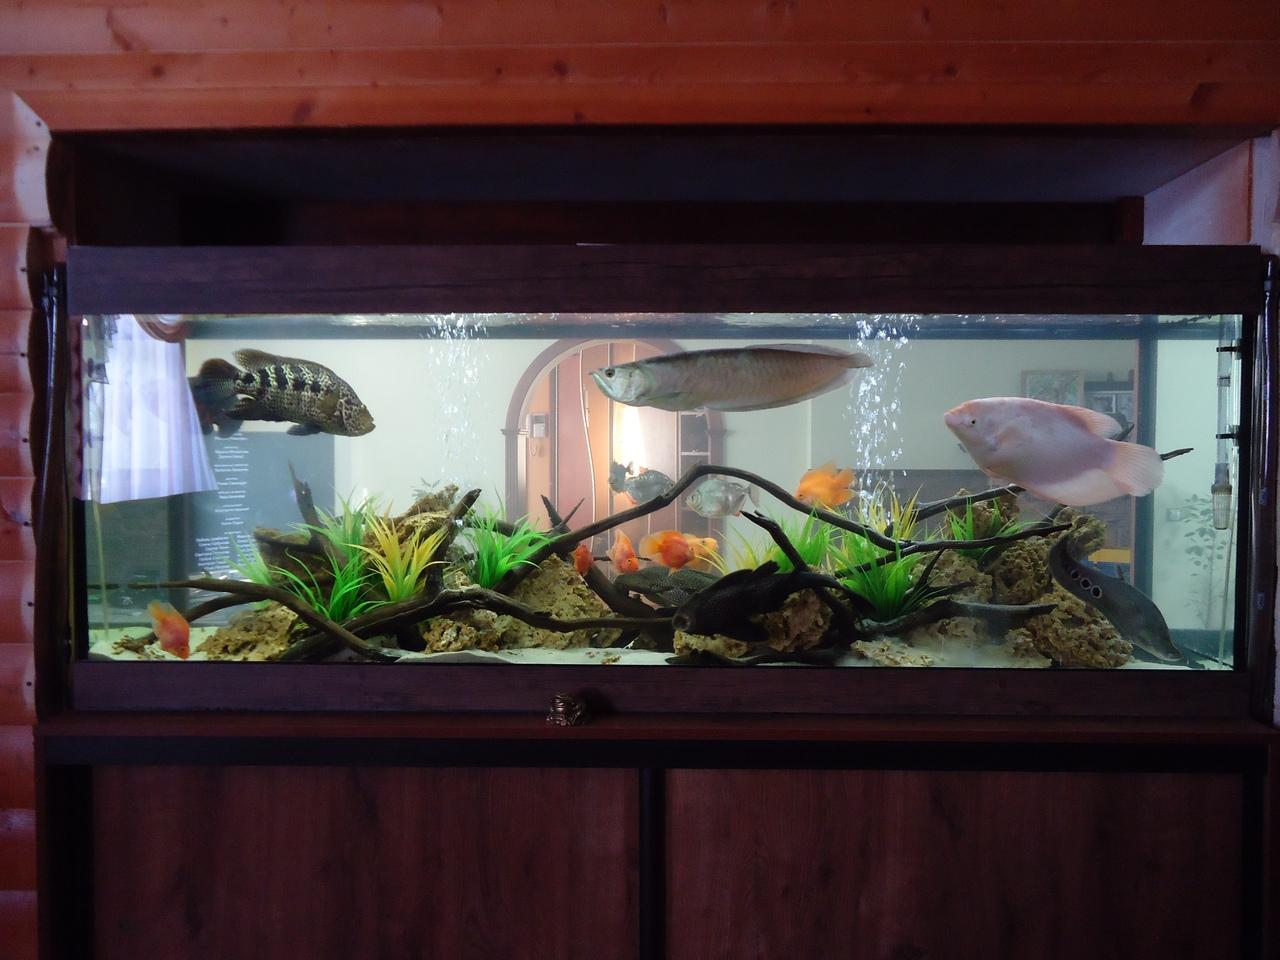 Как сделать аквариум своими руками из стекла: пошаговая инструкция 969